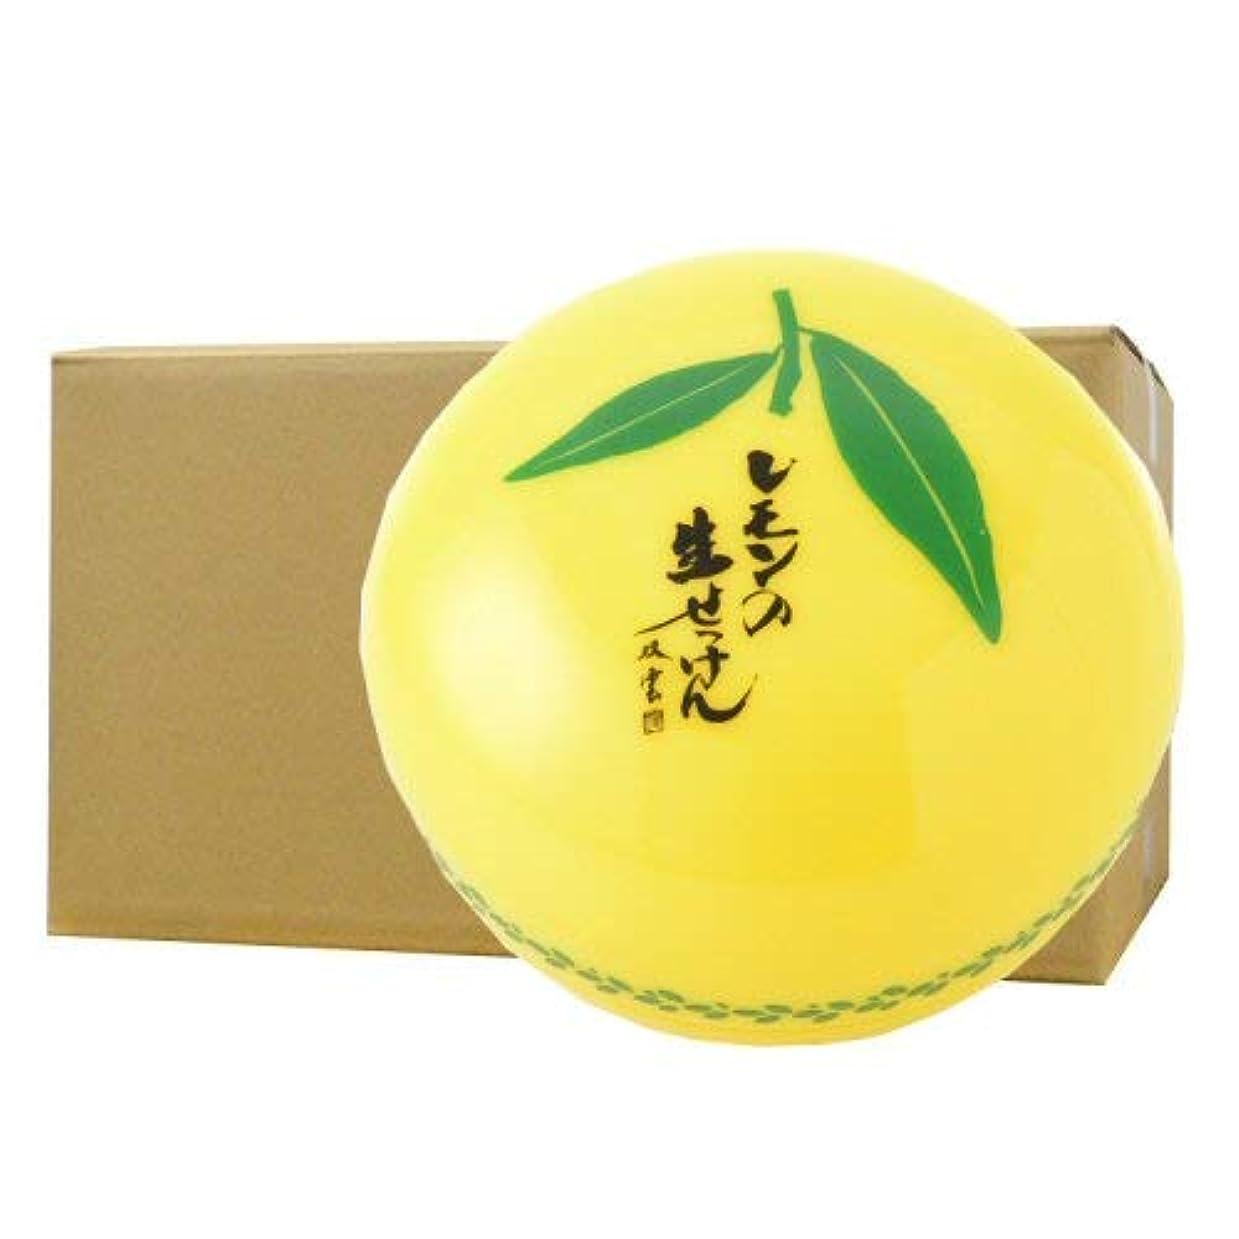 不調和知覚する自伝美香柑 レモンの生せっけん 洗顔石けん 無添加 スパチュラ?泡立てネット付 大容量 120g×24個ケース